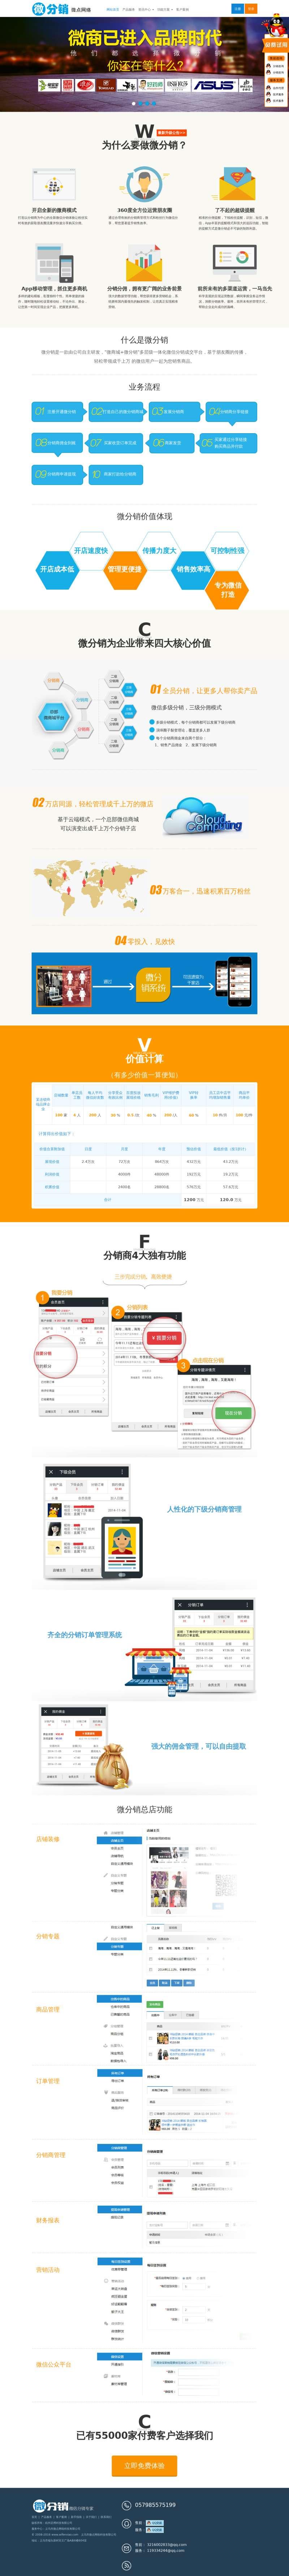 微分销官网展示模板html整站